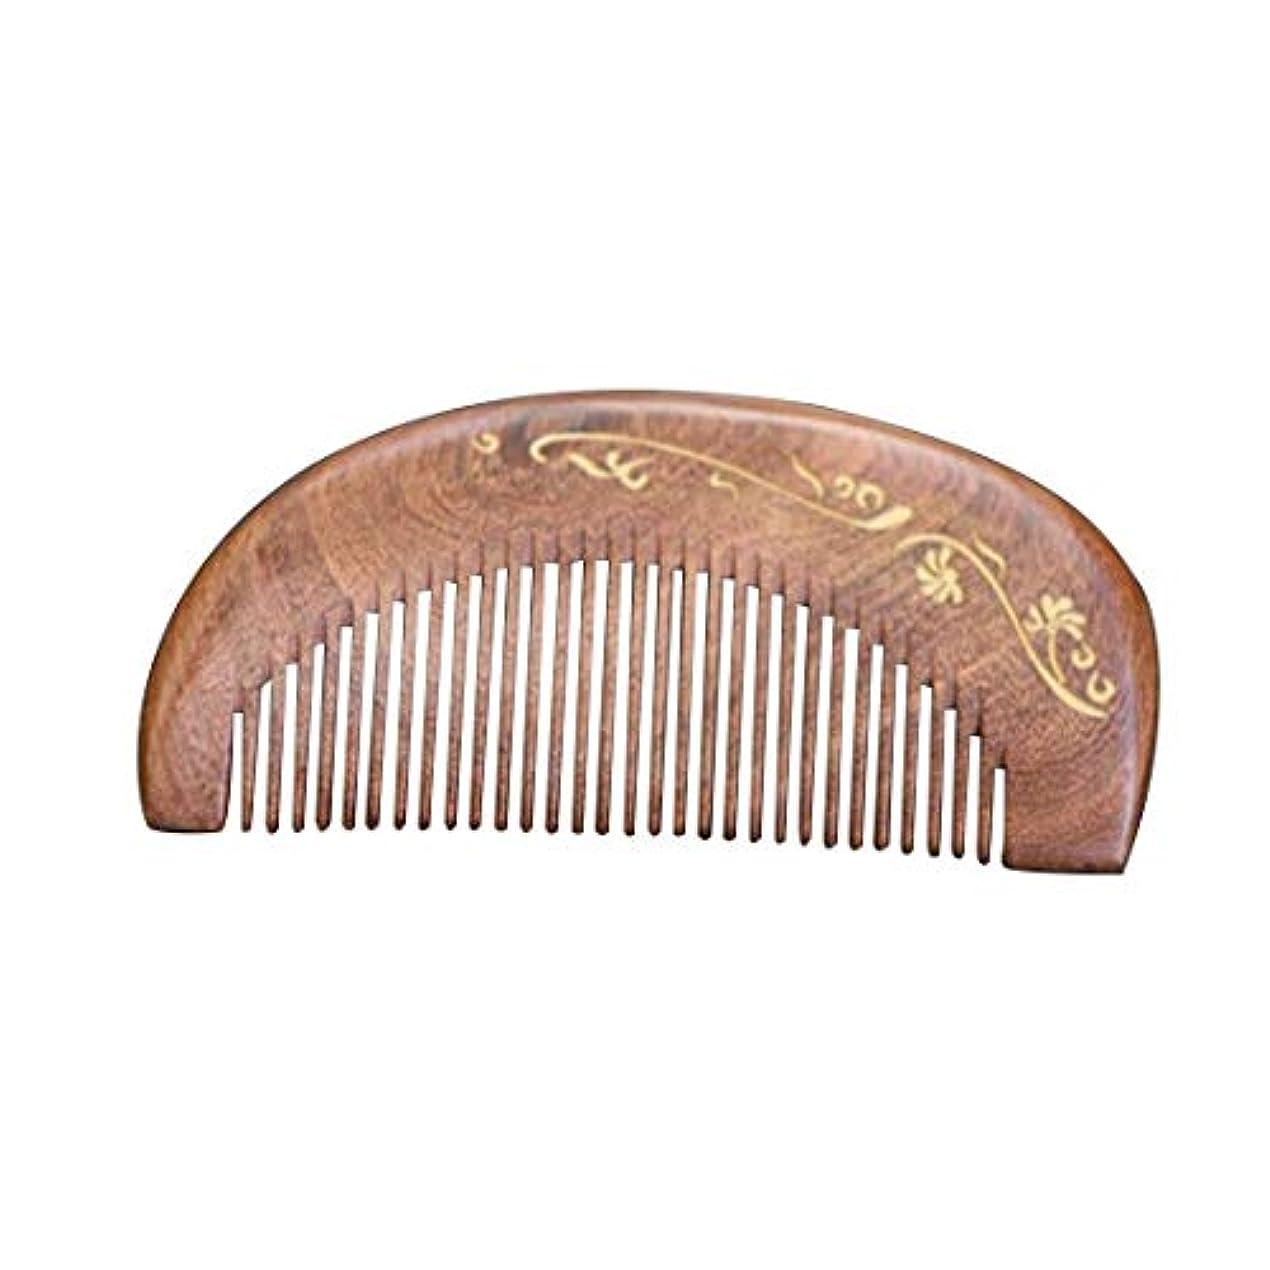 快適グリップジャベスウィルソン白檀の毛の櫛 - 様々なスタイルはギフト用の箱と、頭髪のための密な歯の櫛の帯電防止ヘアブラシを握り ヘアケア (Design : A)